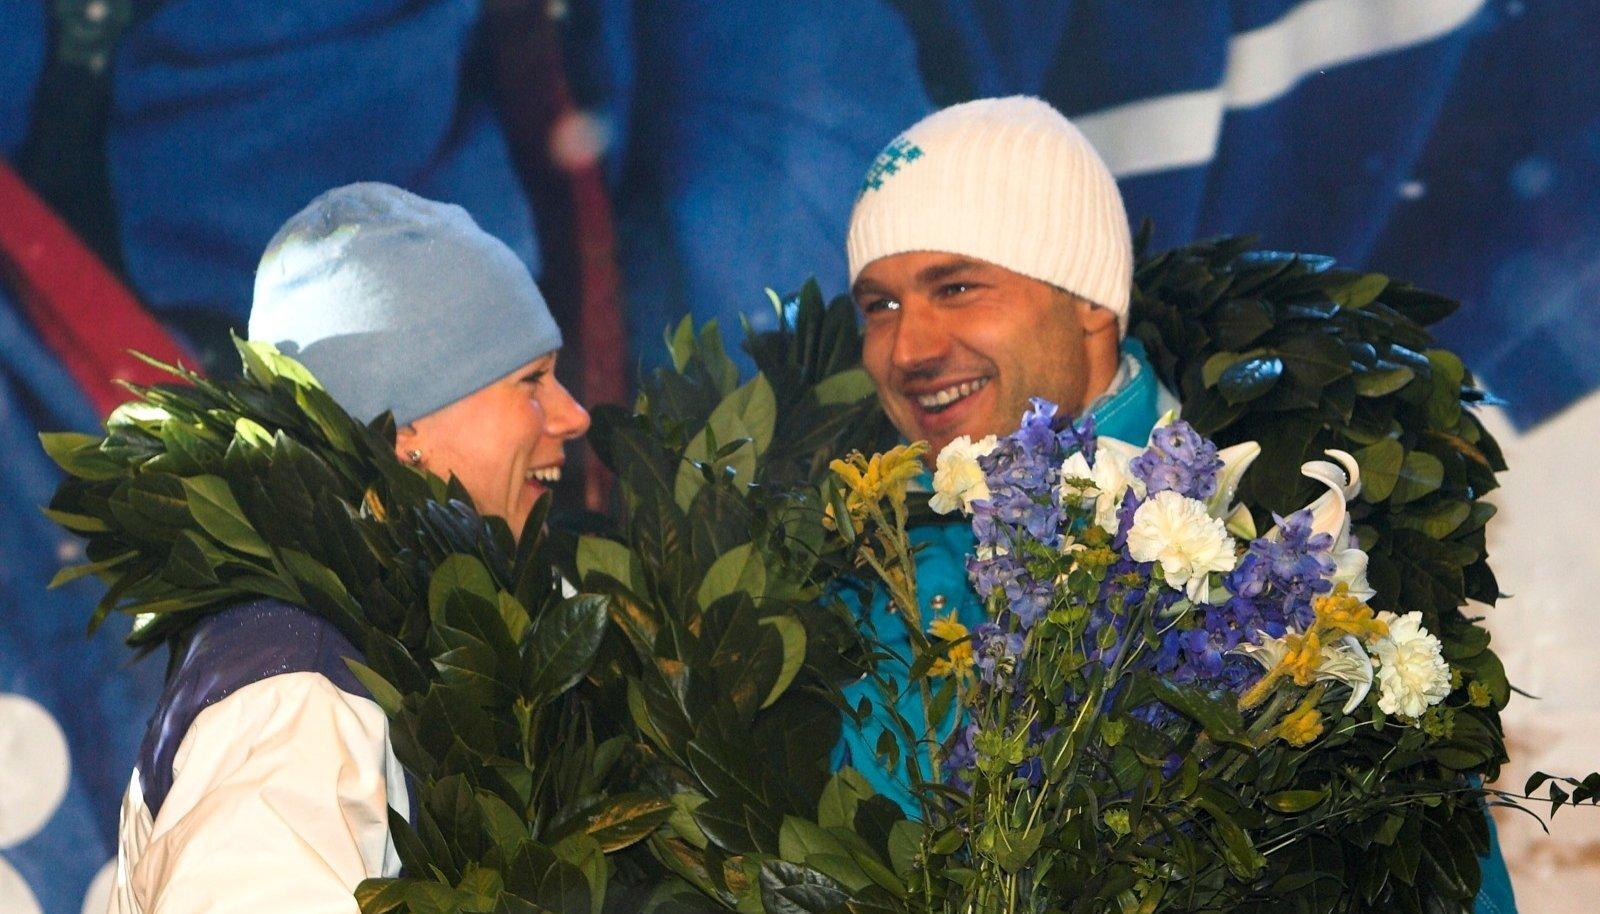 Torino olümpiavõitjad Kristina Šmigun-Vähi ja Andrus Veerpalu on üliõnnelikult naasnud koju.